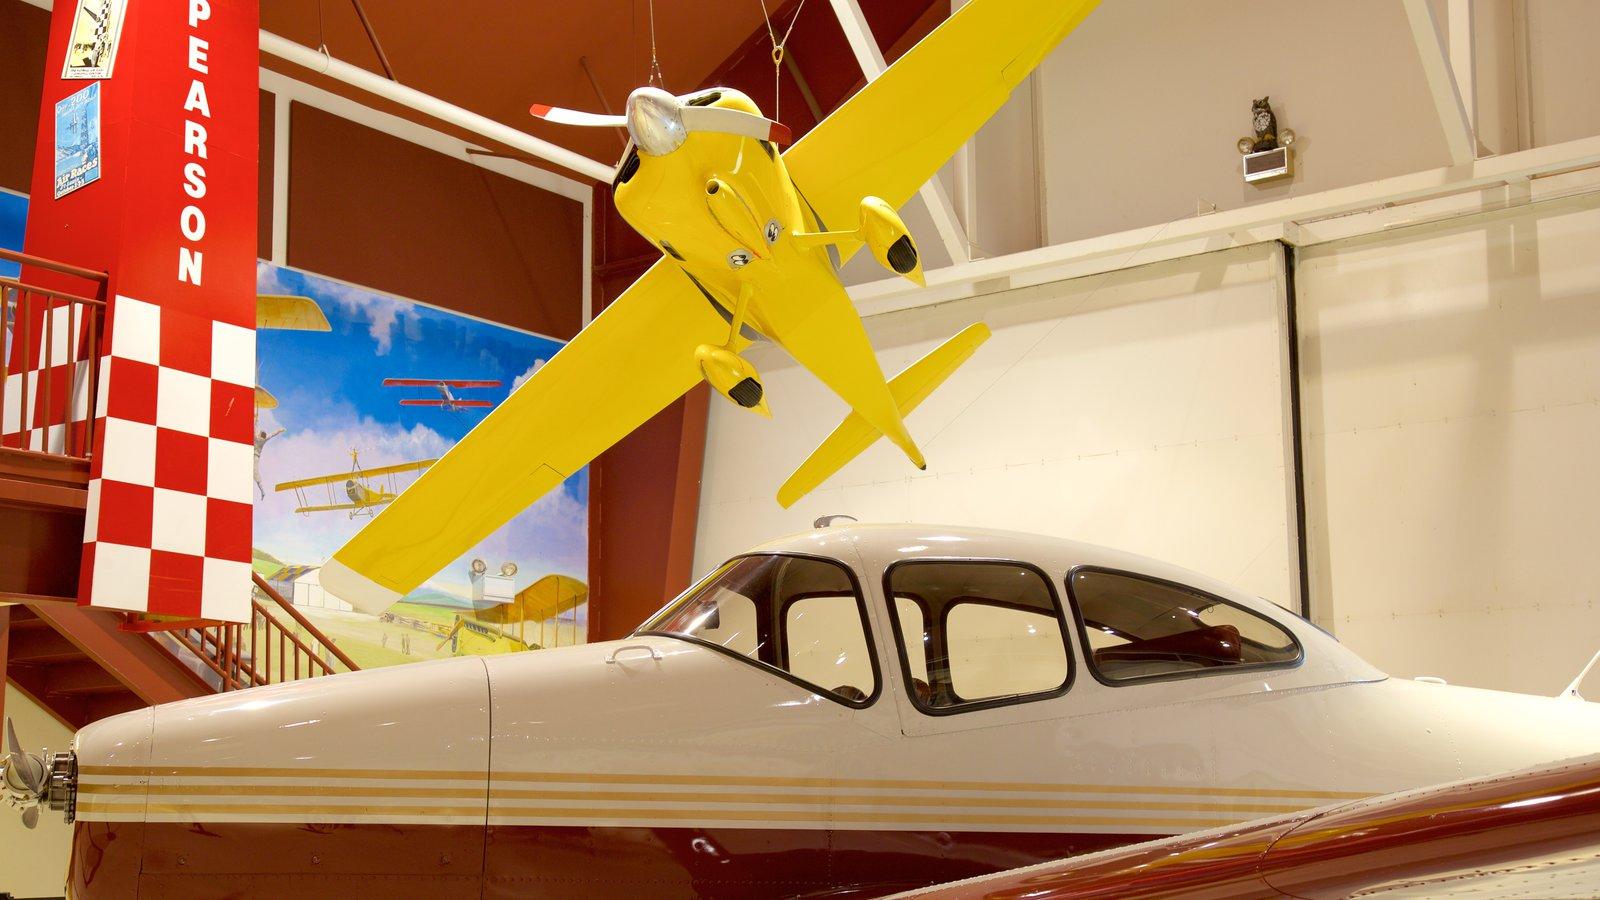 Museu de Aviação de Pearson mostrando vistas internas